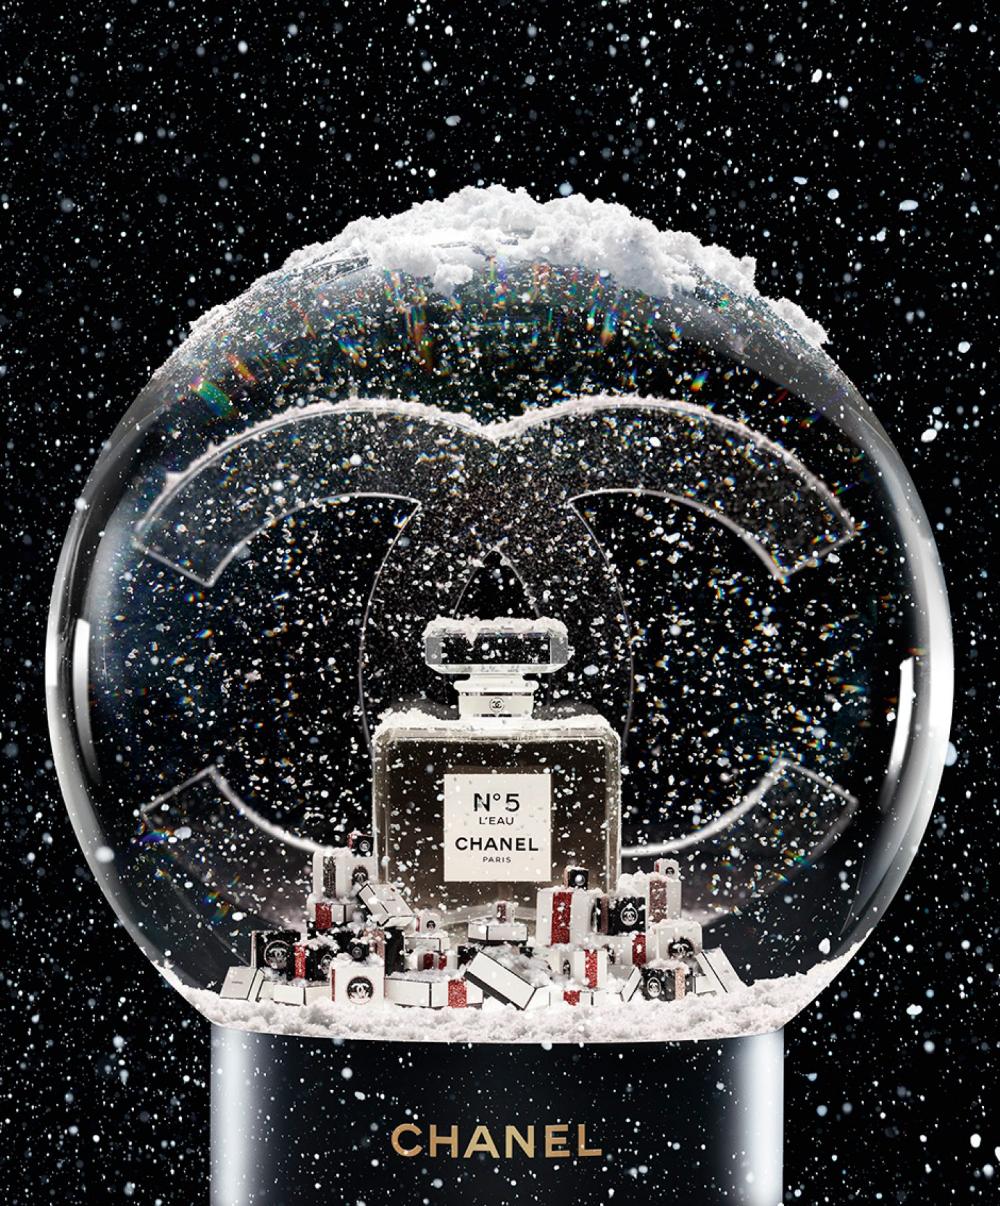 Parfums Chanel Site Officiel Et Boutique En Ligne Fond D Ecran Chanel Fond D Ecran Telephone Chanel